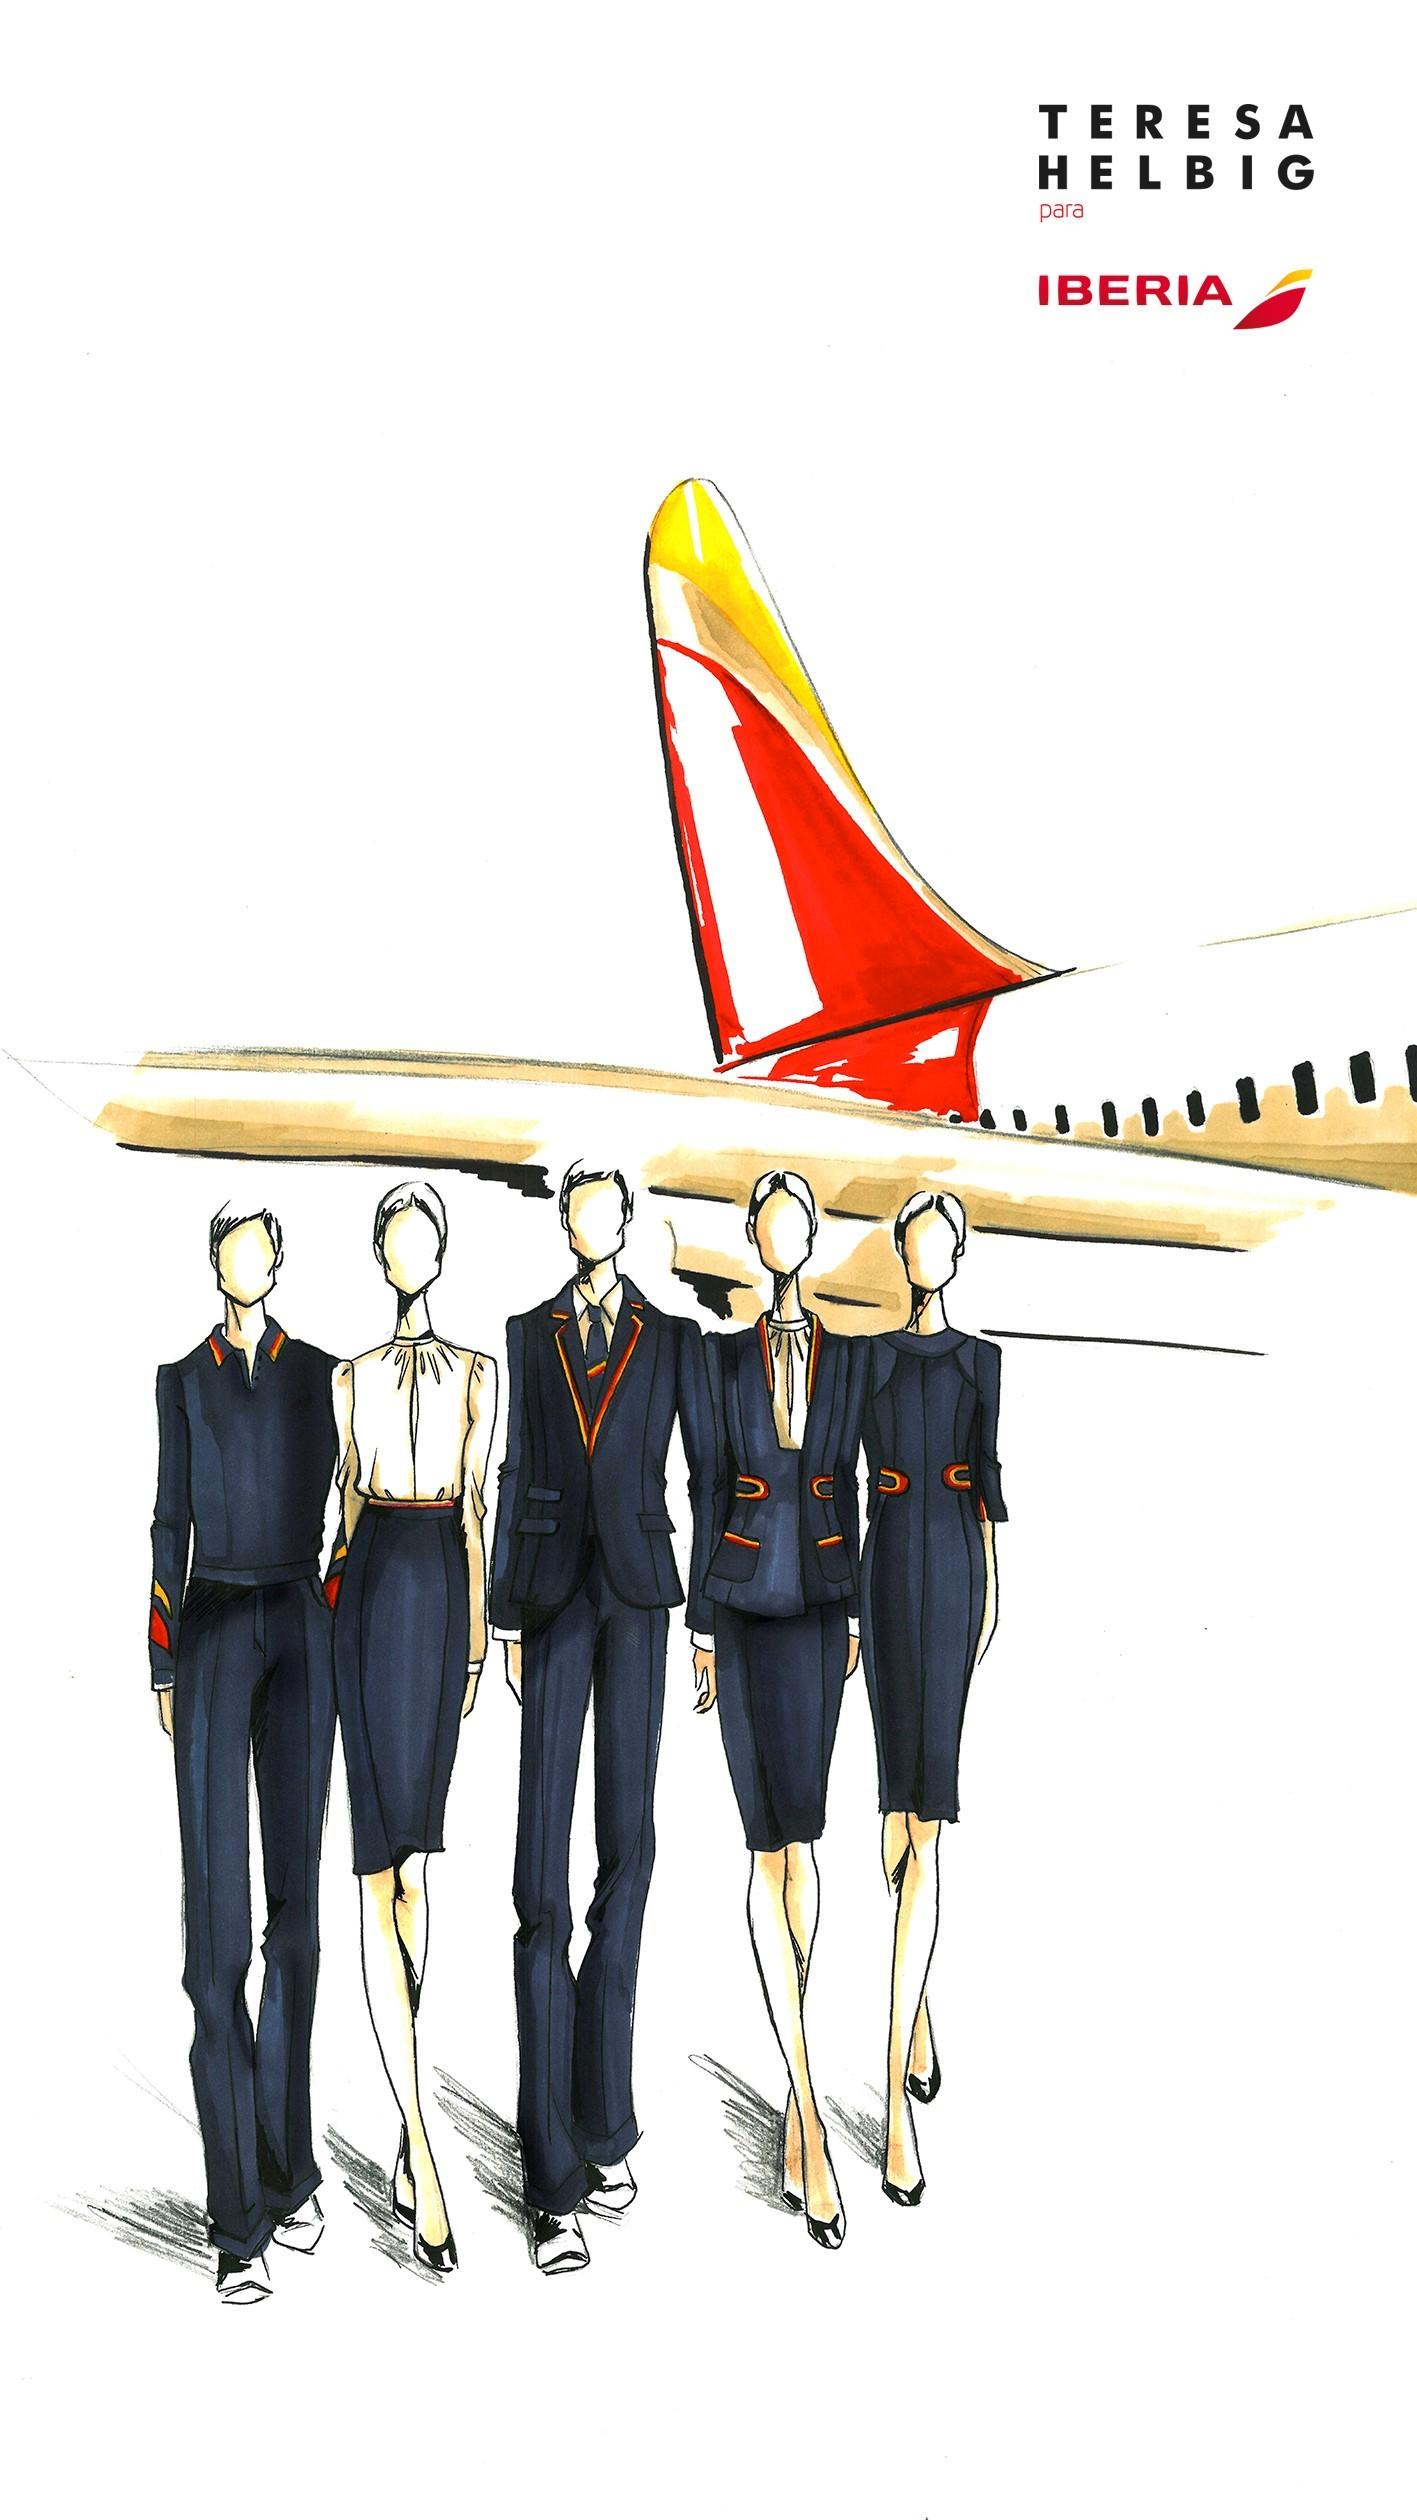 Boceto de los diseños creados por Teresa Helbig para Iberia.